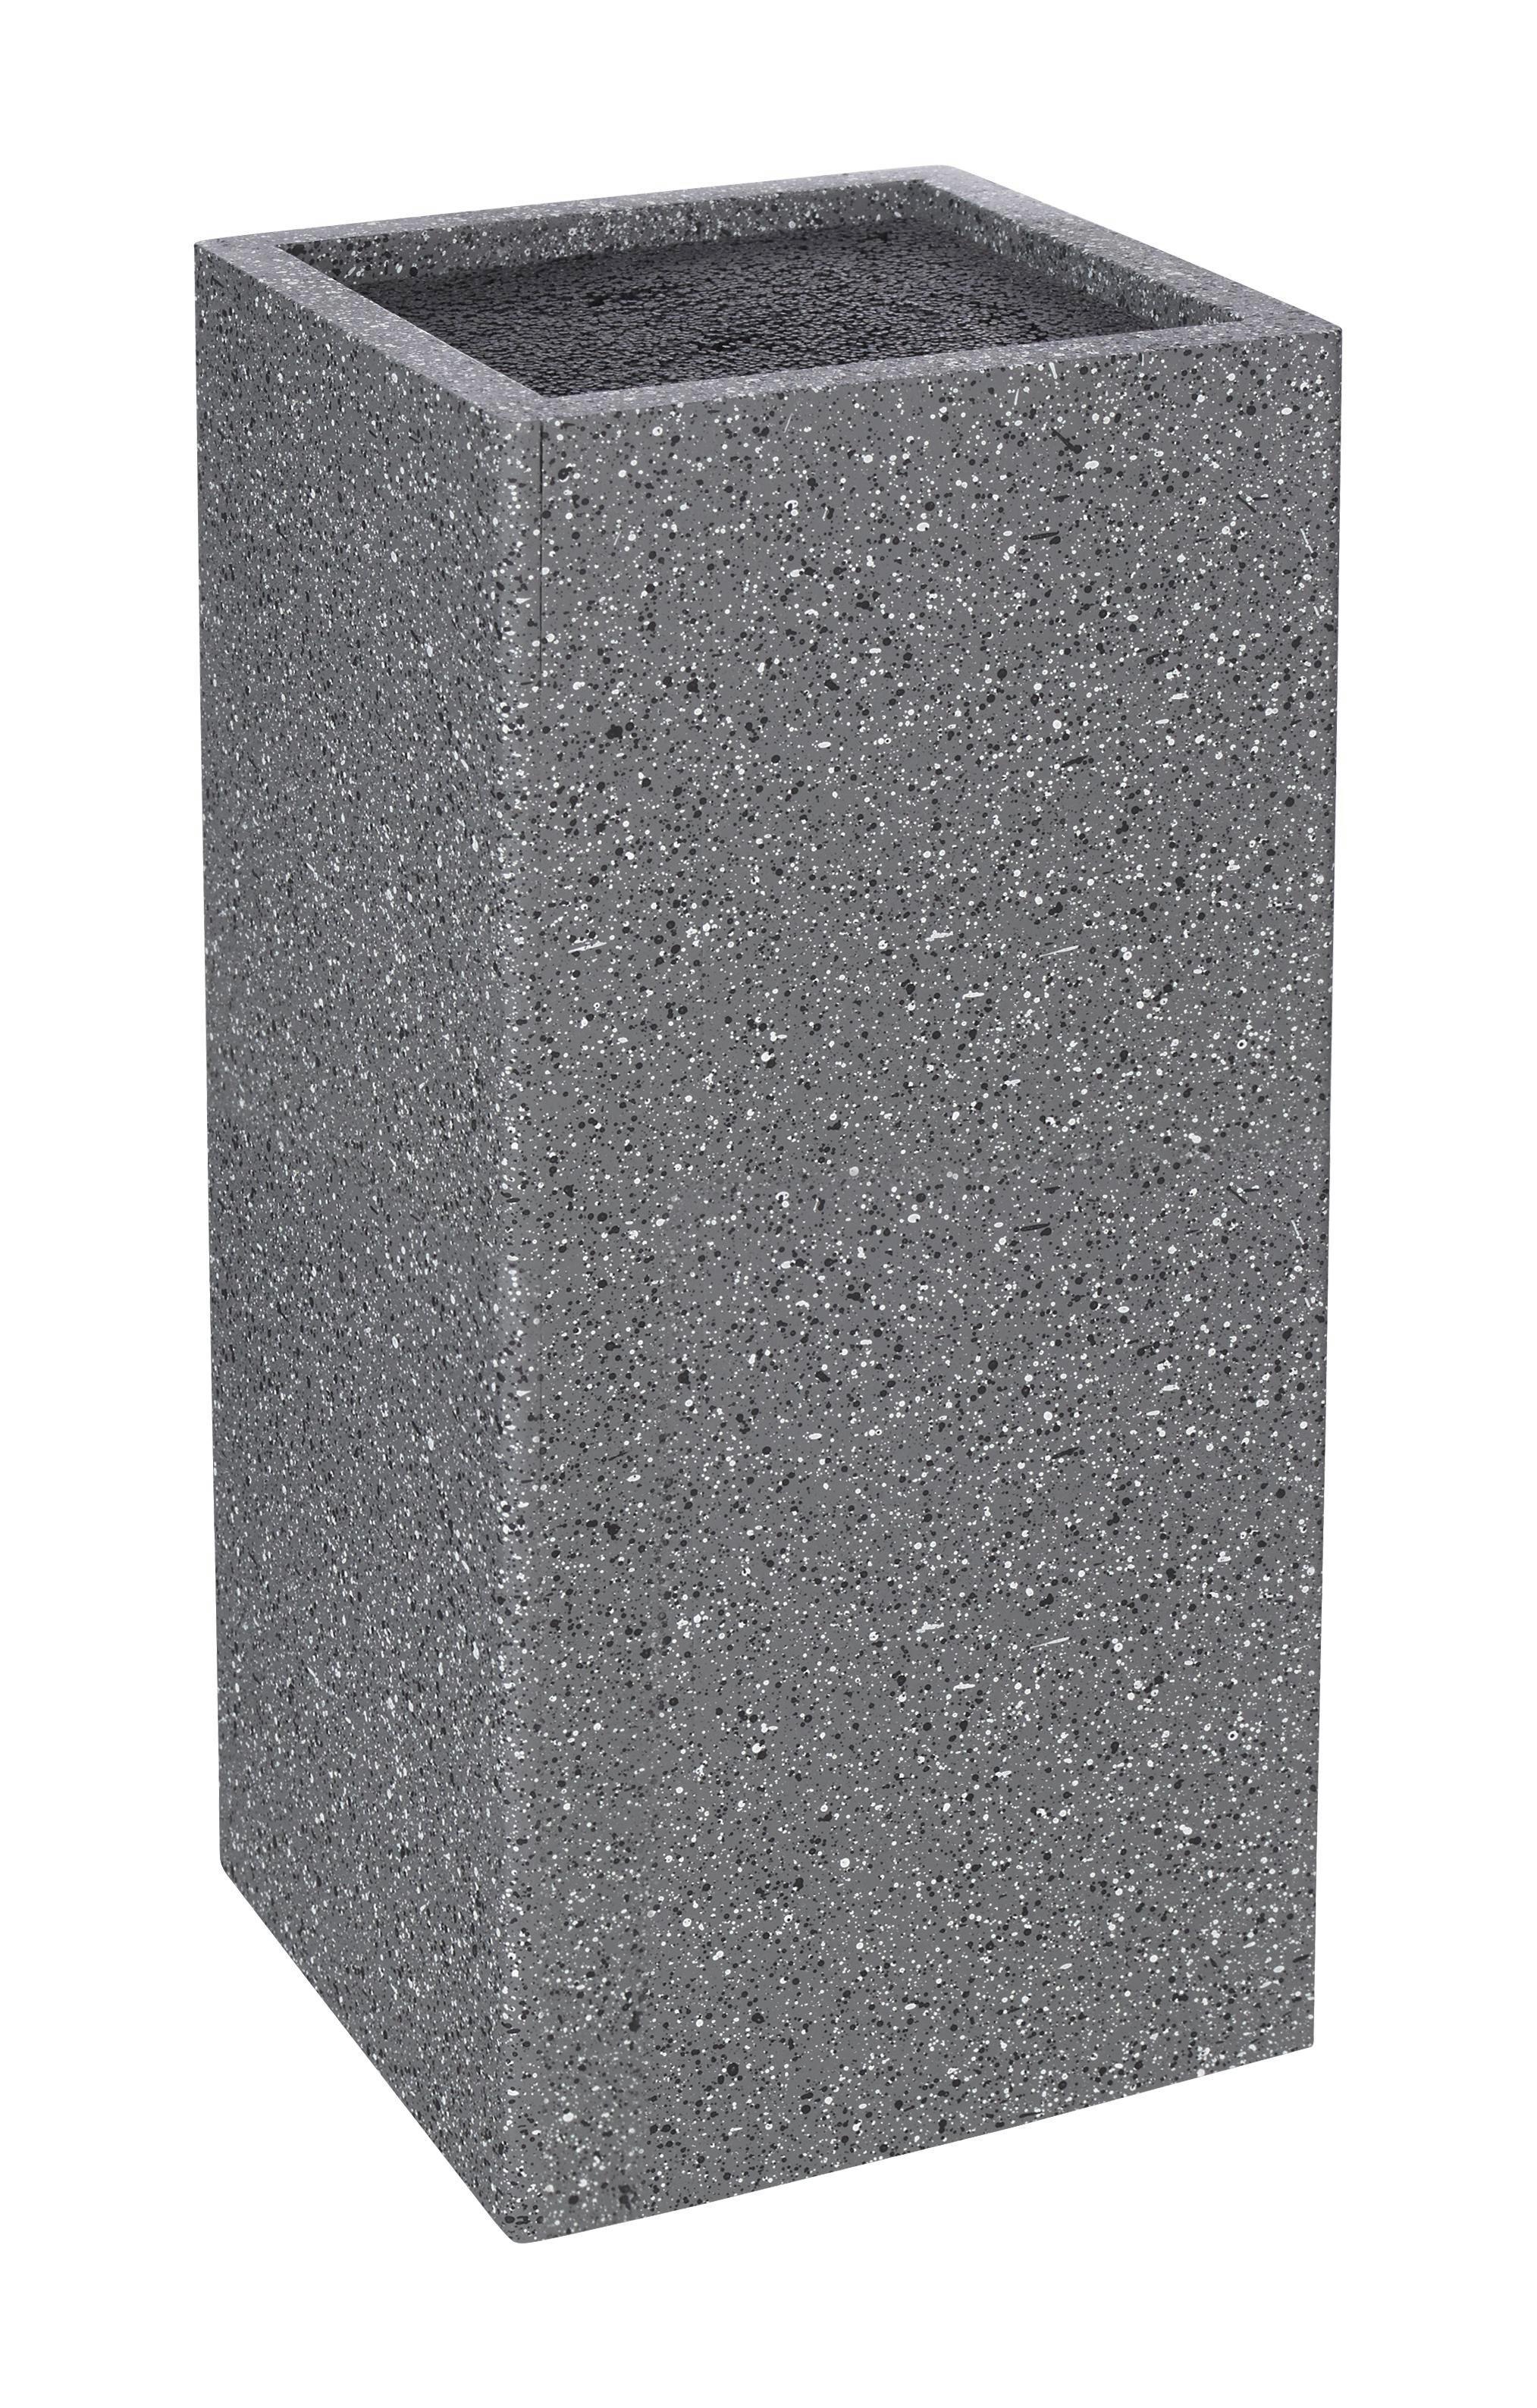 Messerblock Simon in Grau - Multicolor/Grau, MODERN, Holzwerkstoff/Kunststoff (11/10,6/24cm) - MÖMAX modern living